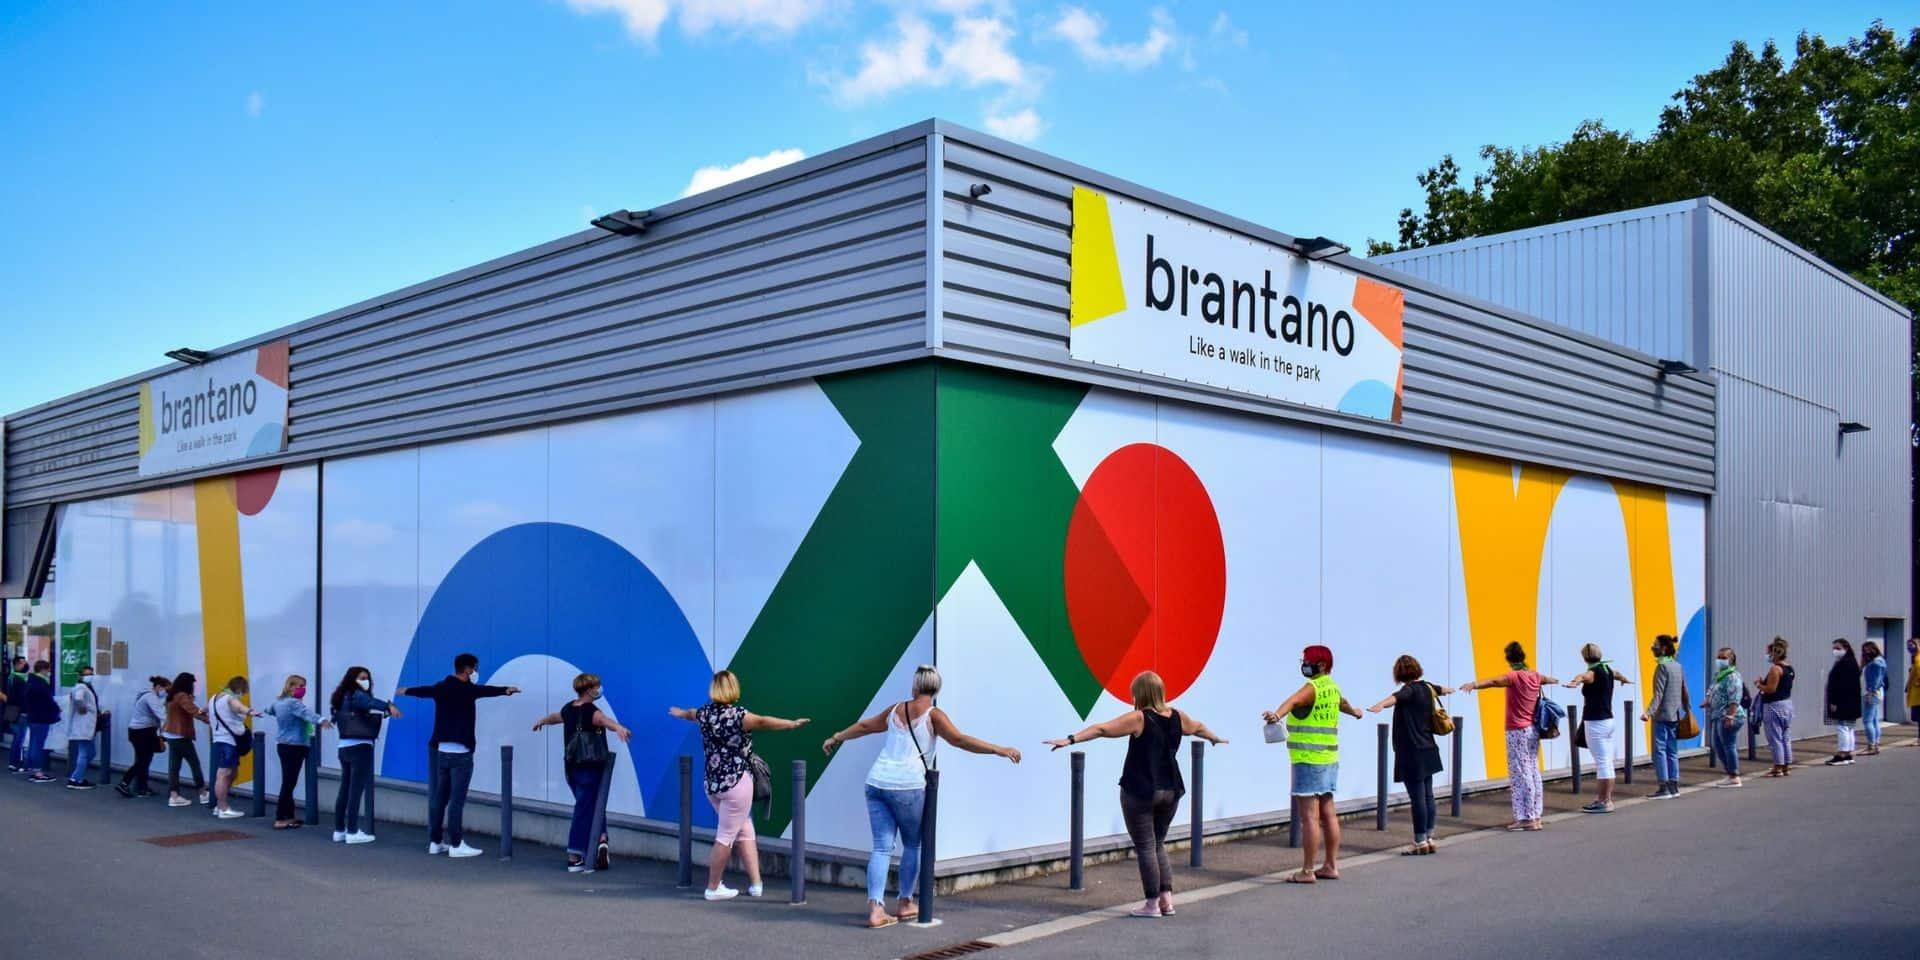 Un juge d'instruction désigné pour enquêter sur la faillite de Brantano